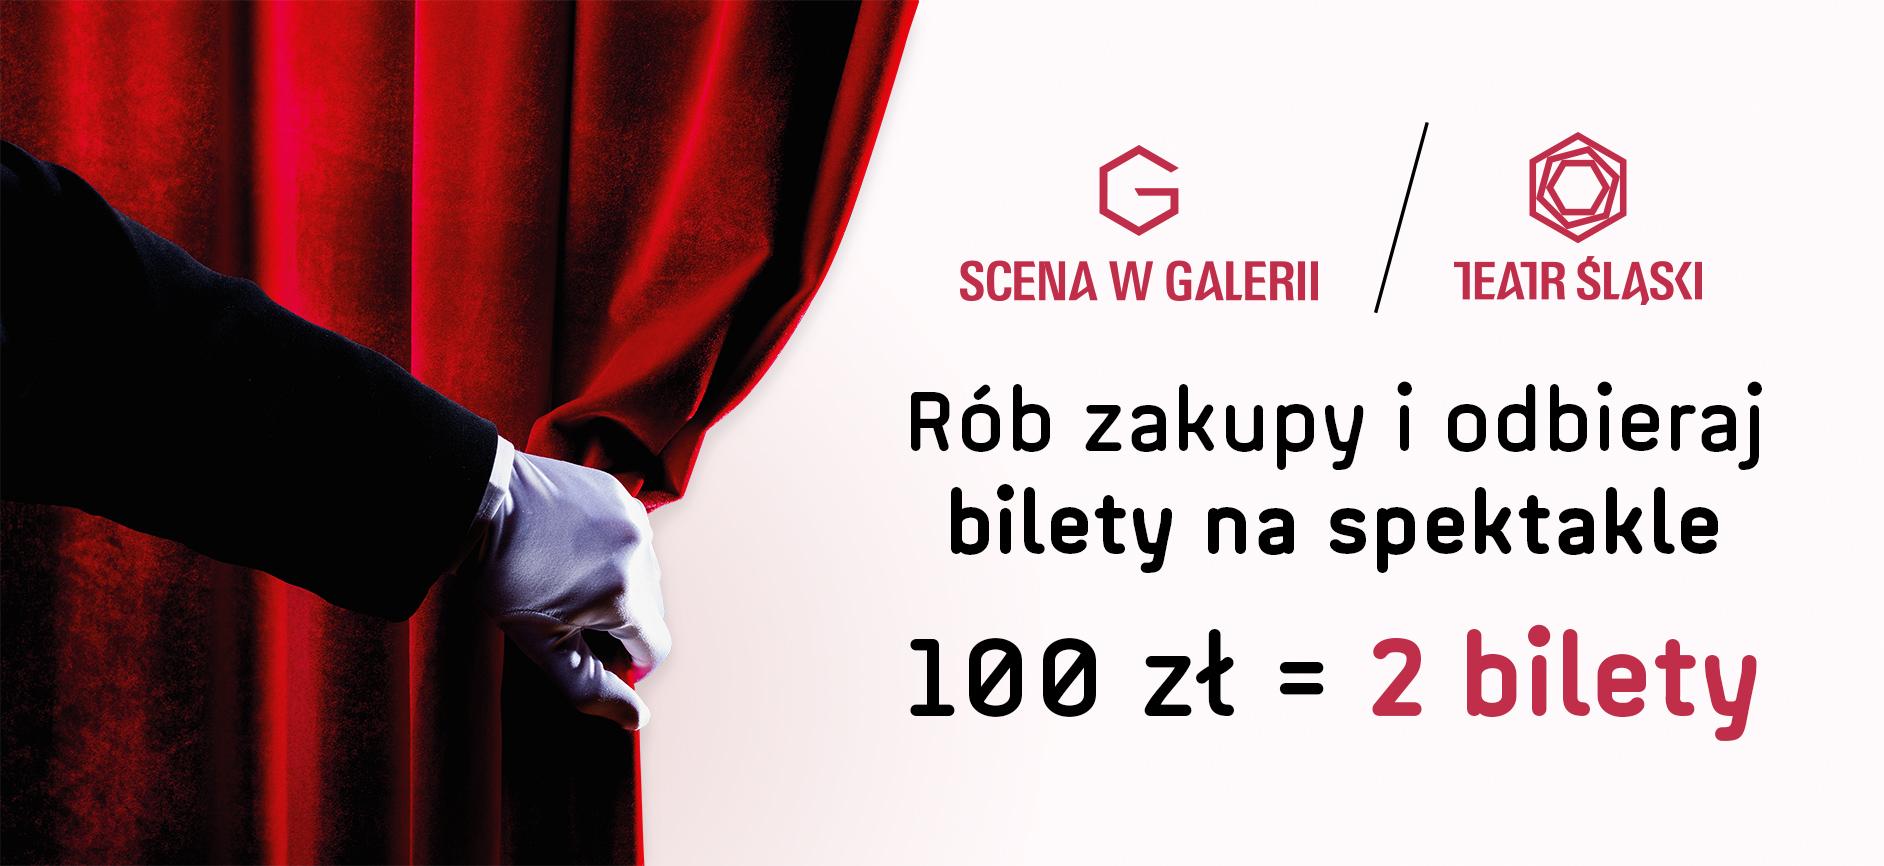 2 bilety na spektakl przy zakupach za 100zł @ Galeria Katowicka